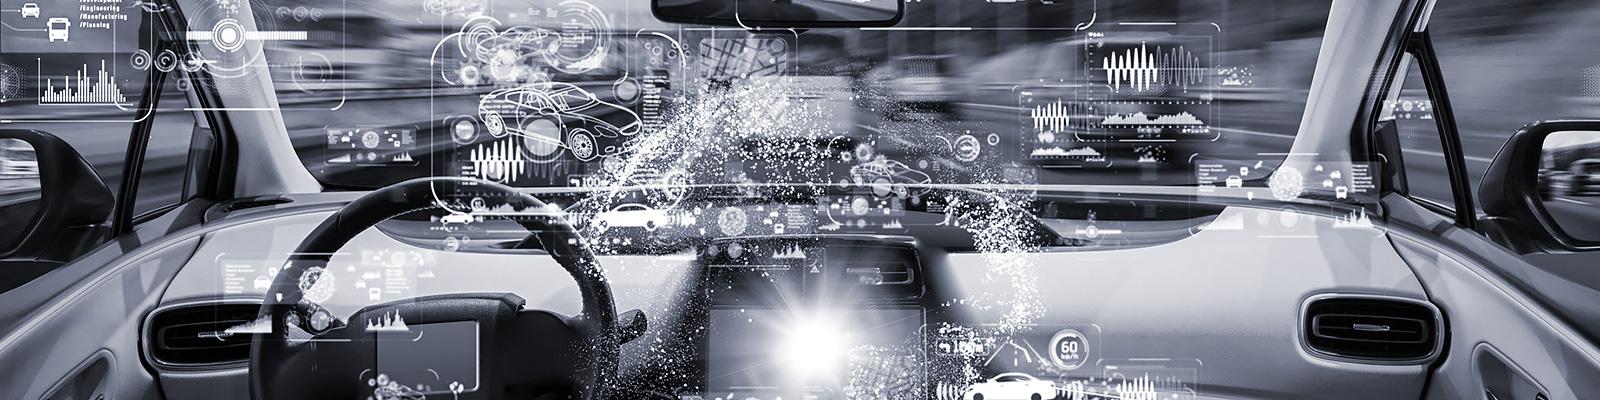 自動車 サイバー セキュリティ イメージ